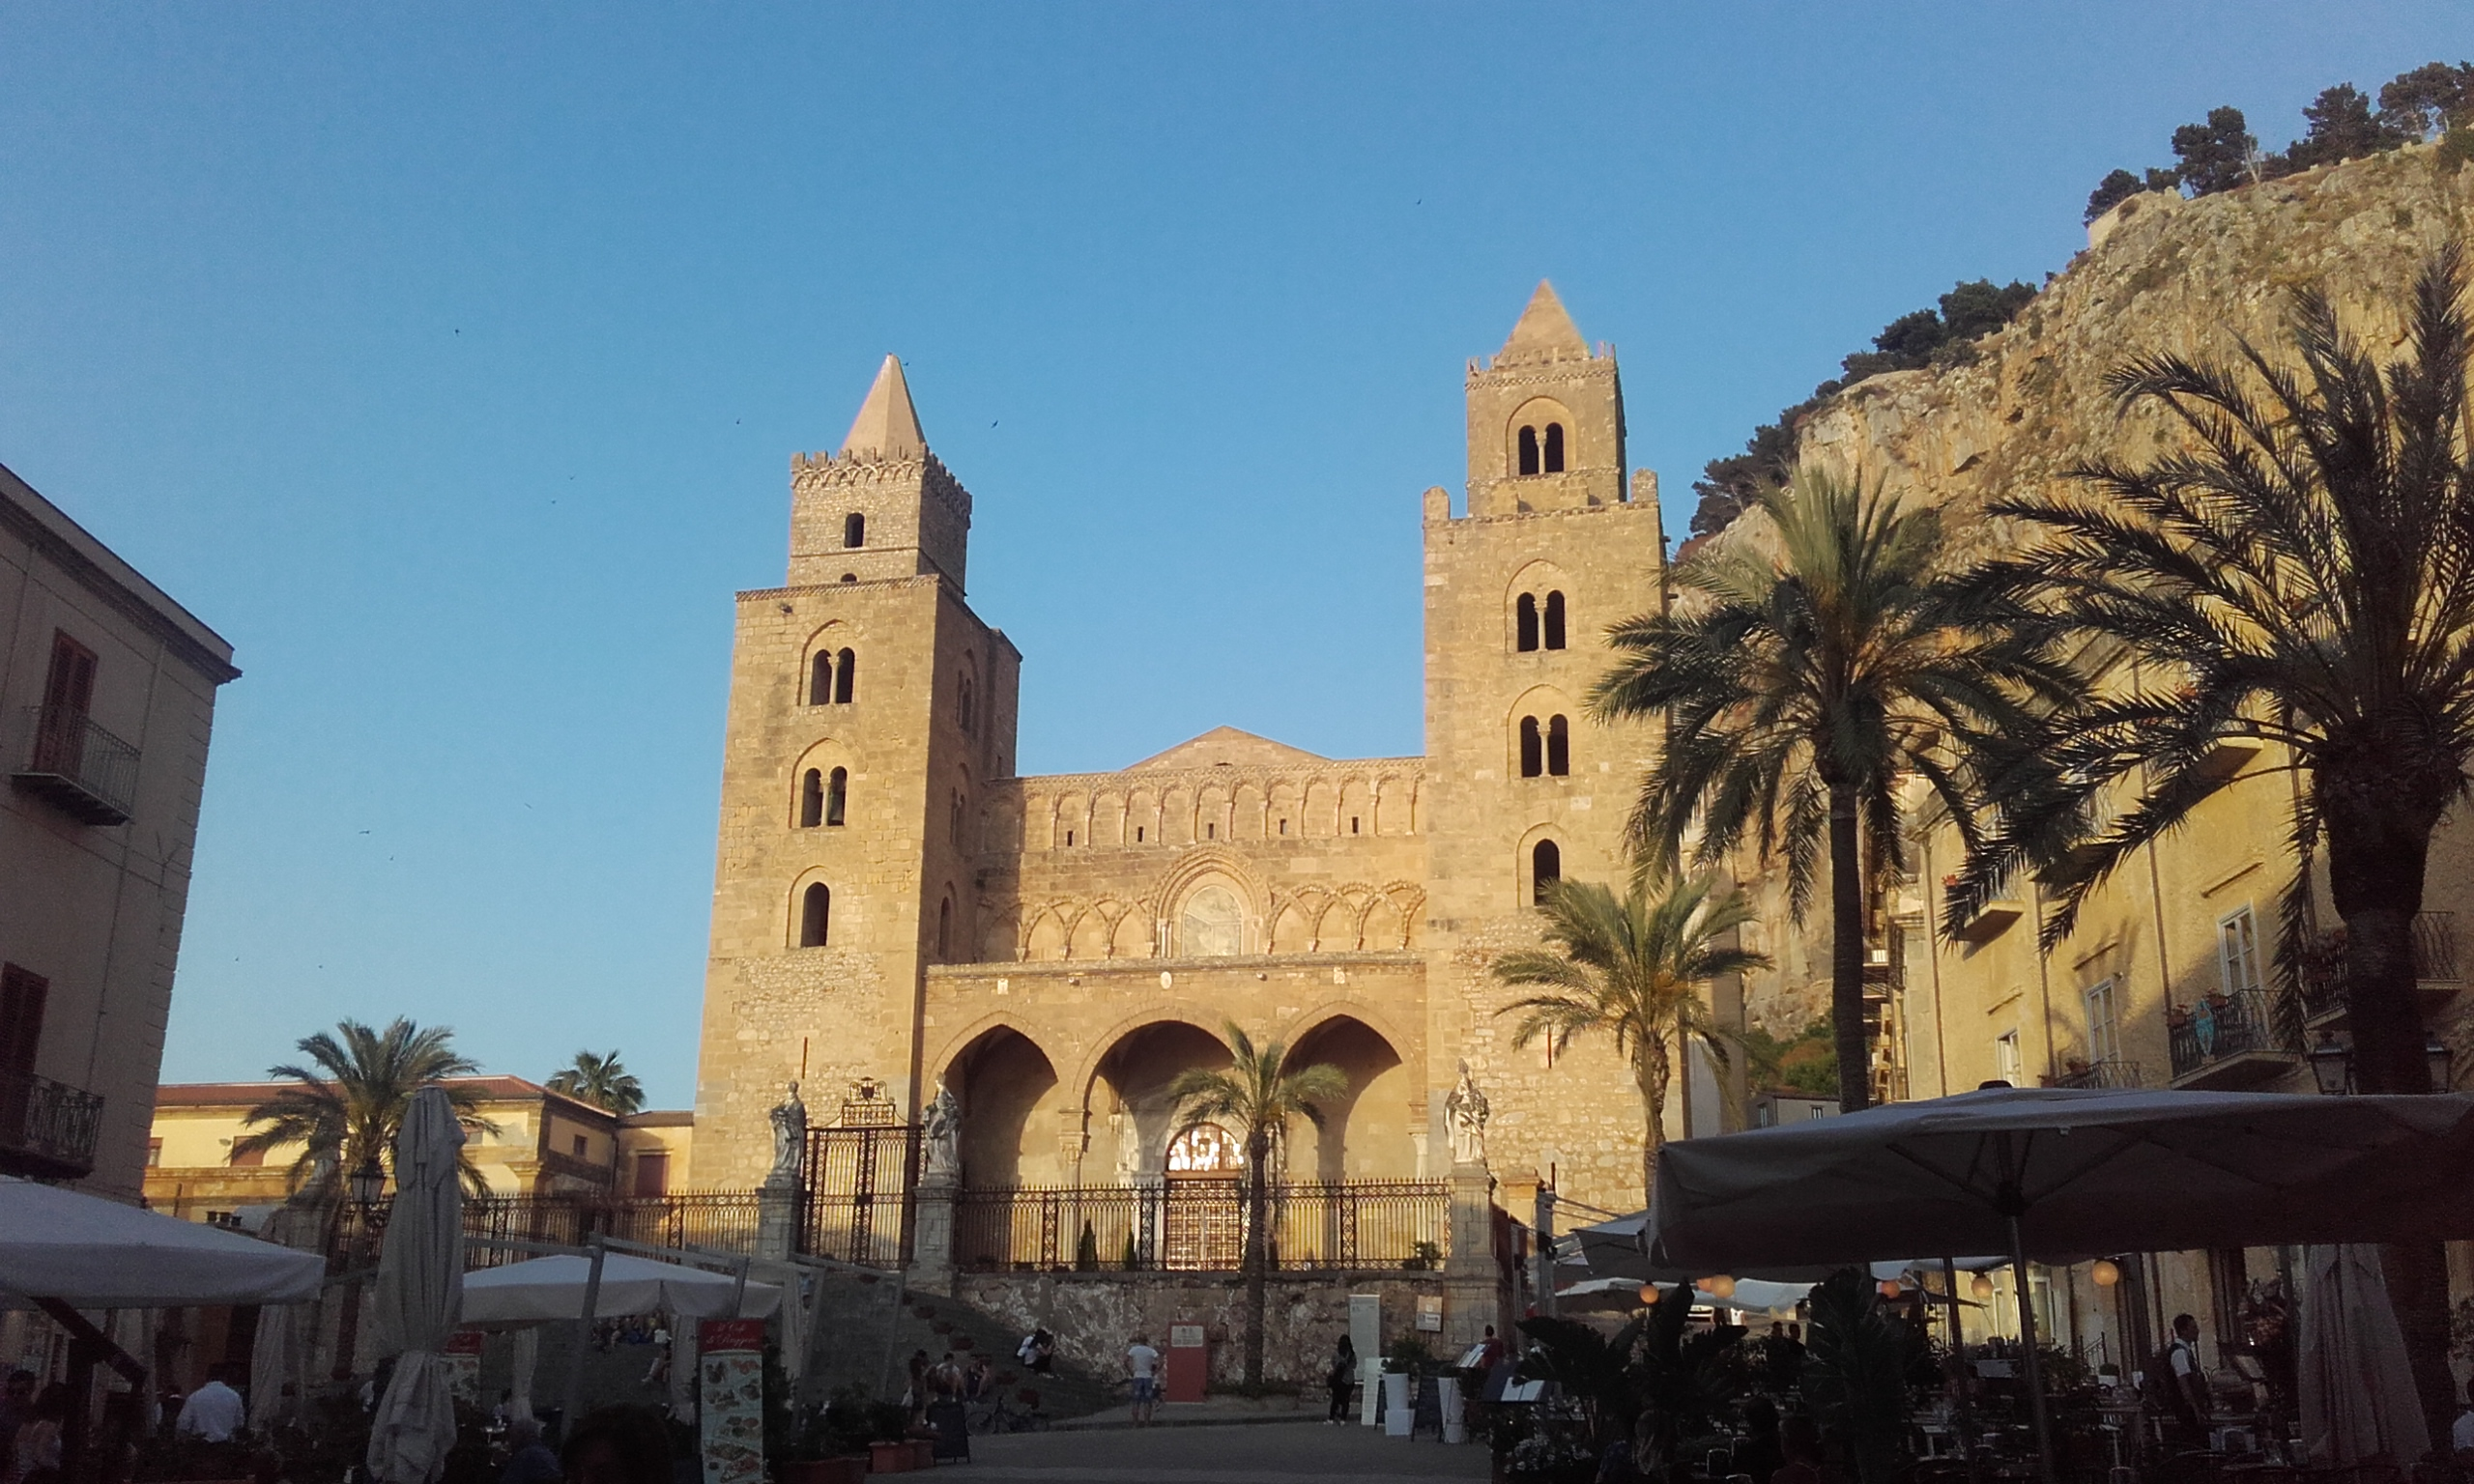 La catedral de Cefalú